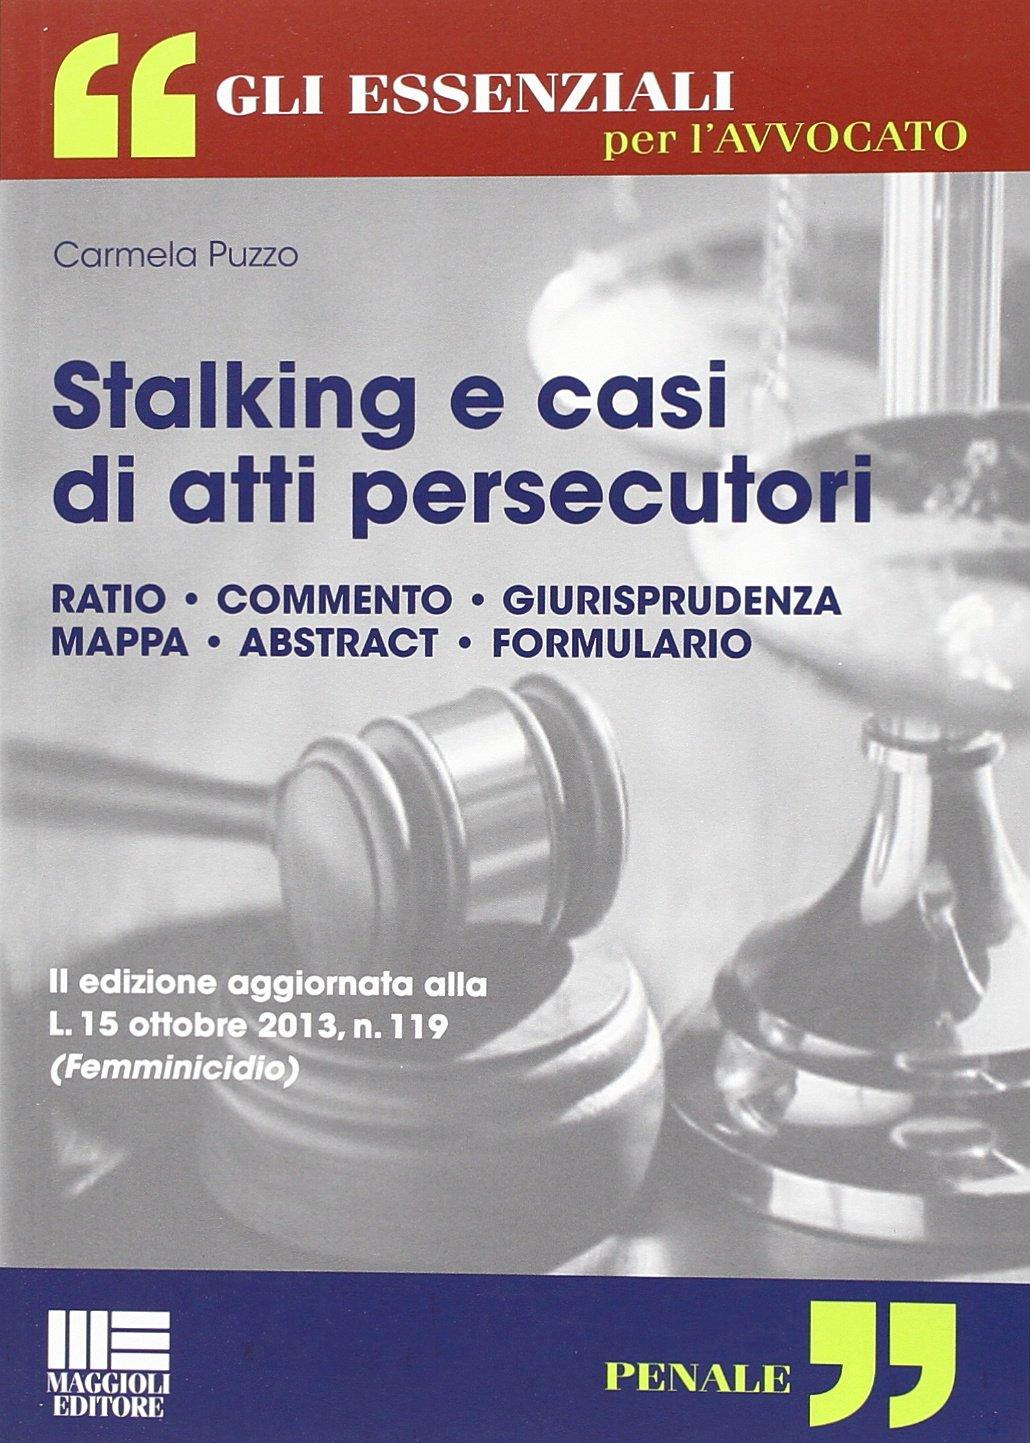 Stalking e casi di atti persecutori